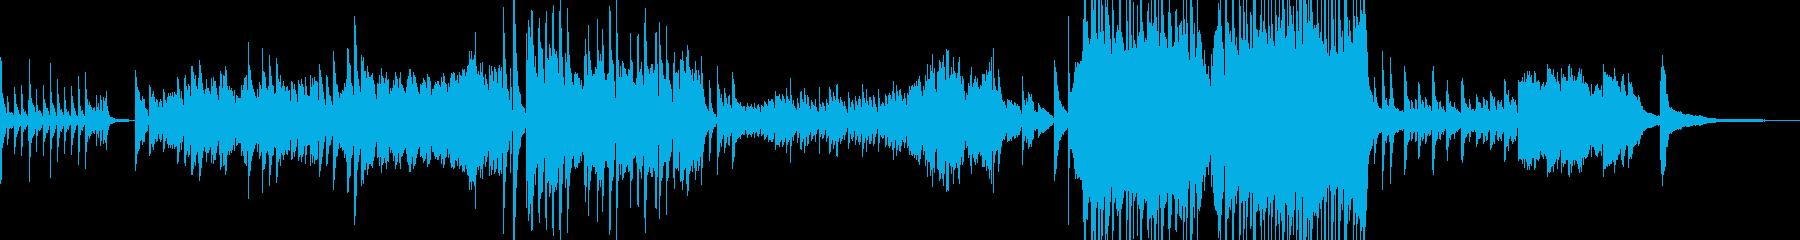 涙の場面をイメージしたピアノバラード Aの再生済みの波形